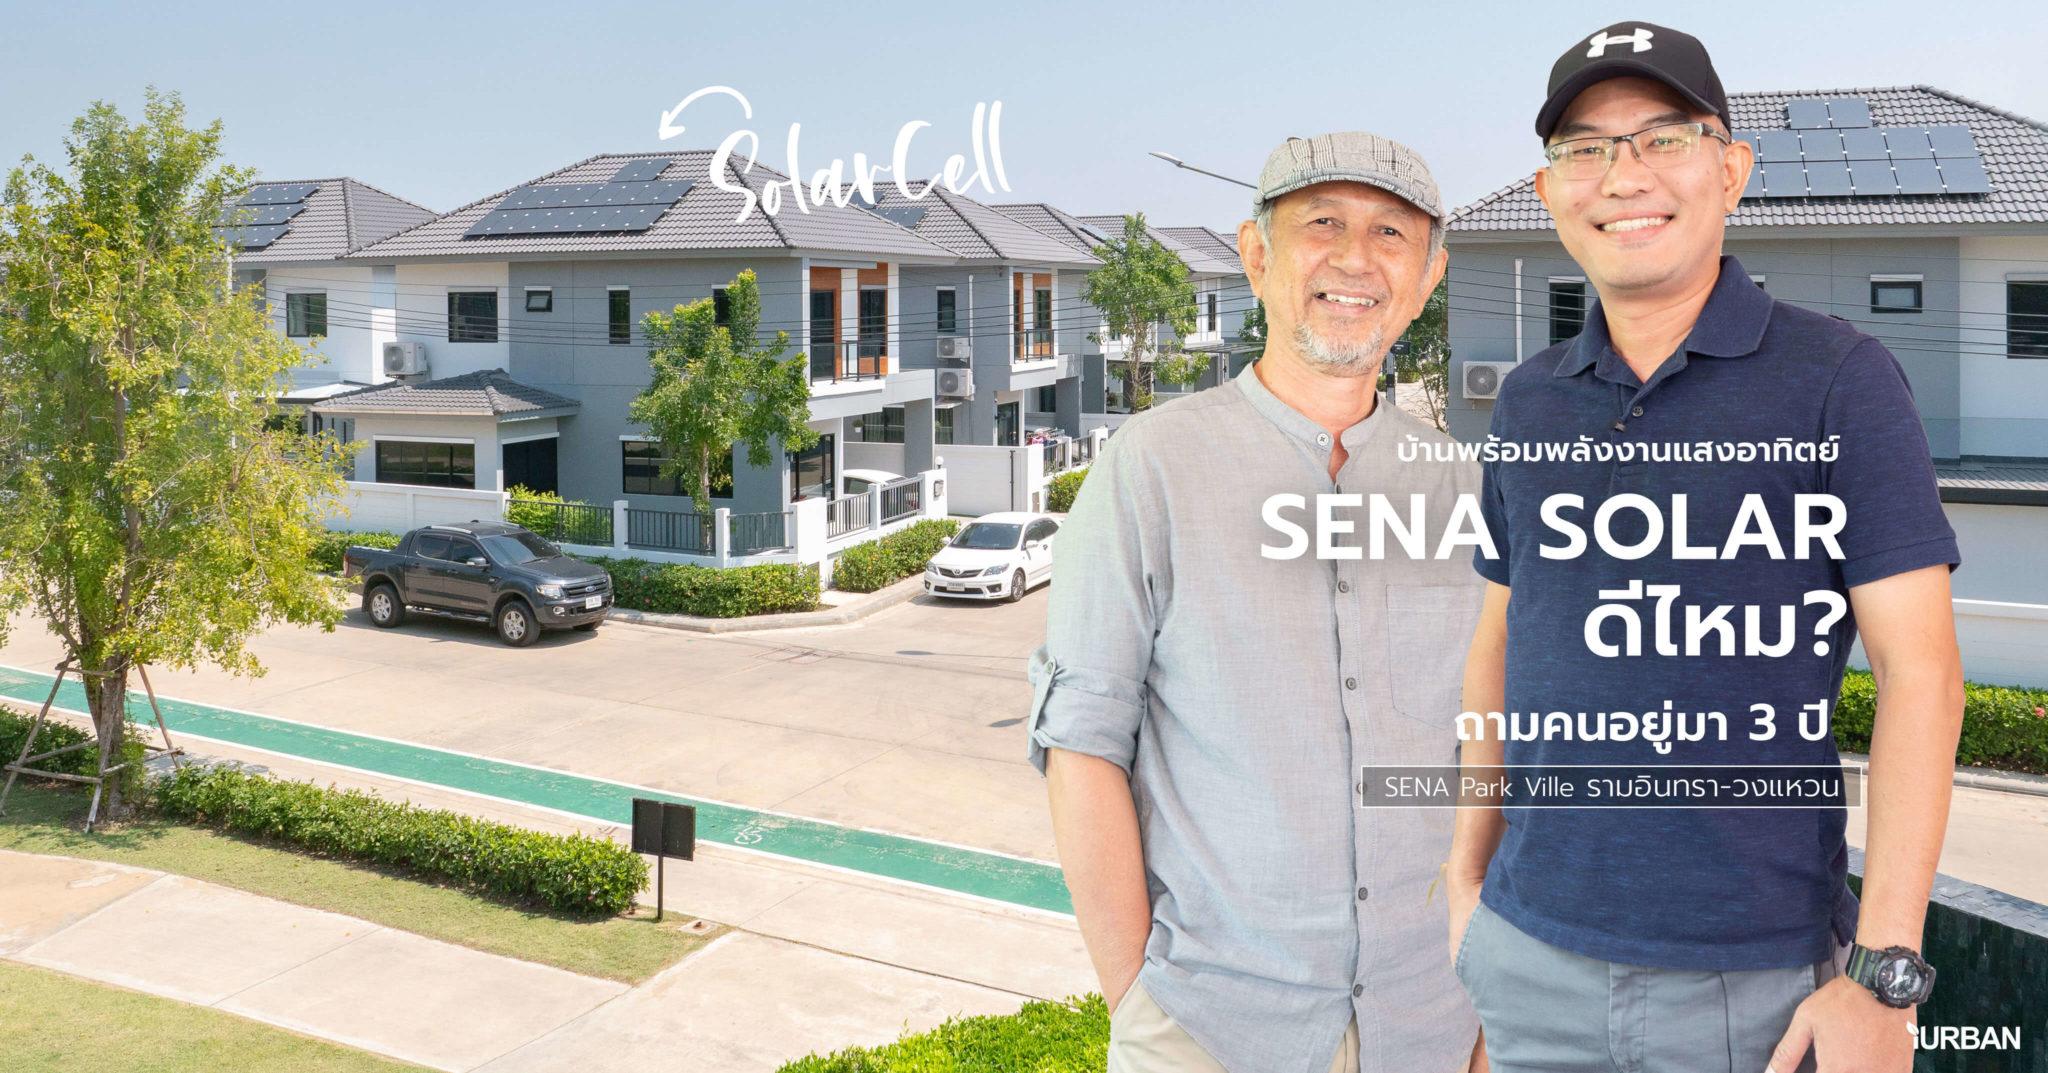 สัมภาษณ์ลูกบ้าน SENA SOLAR บ้านพร้อมกับพลังงานแสงอาทิตย์ที่ SENA Park Ville รามอินทรา-วงแหวน 13 - living